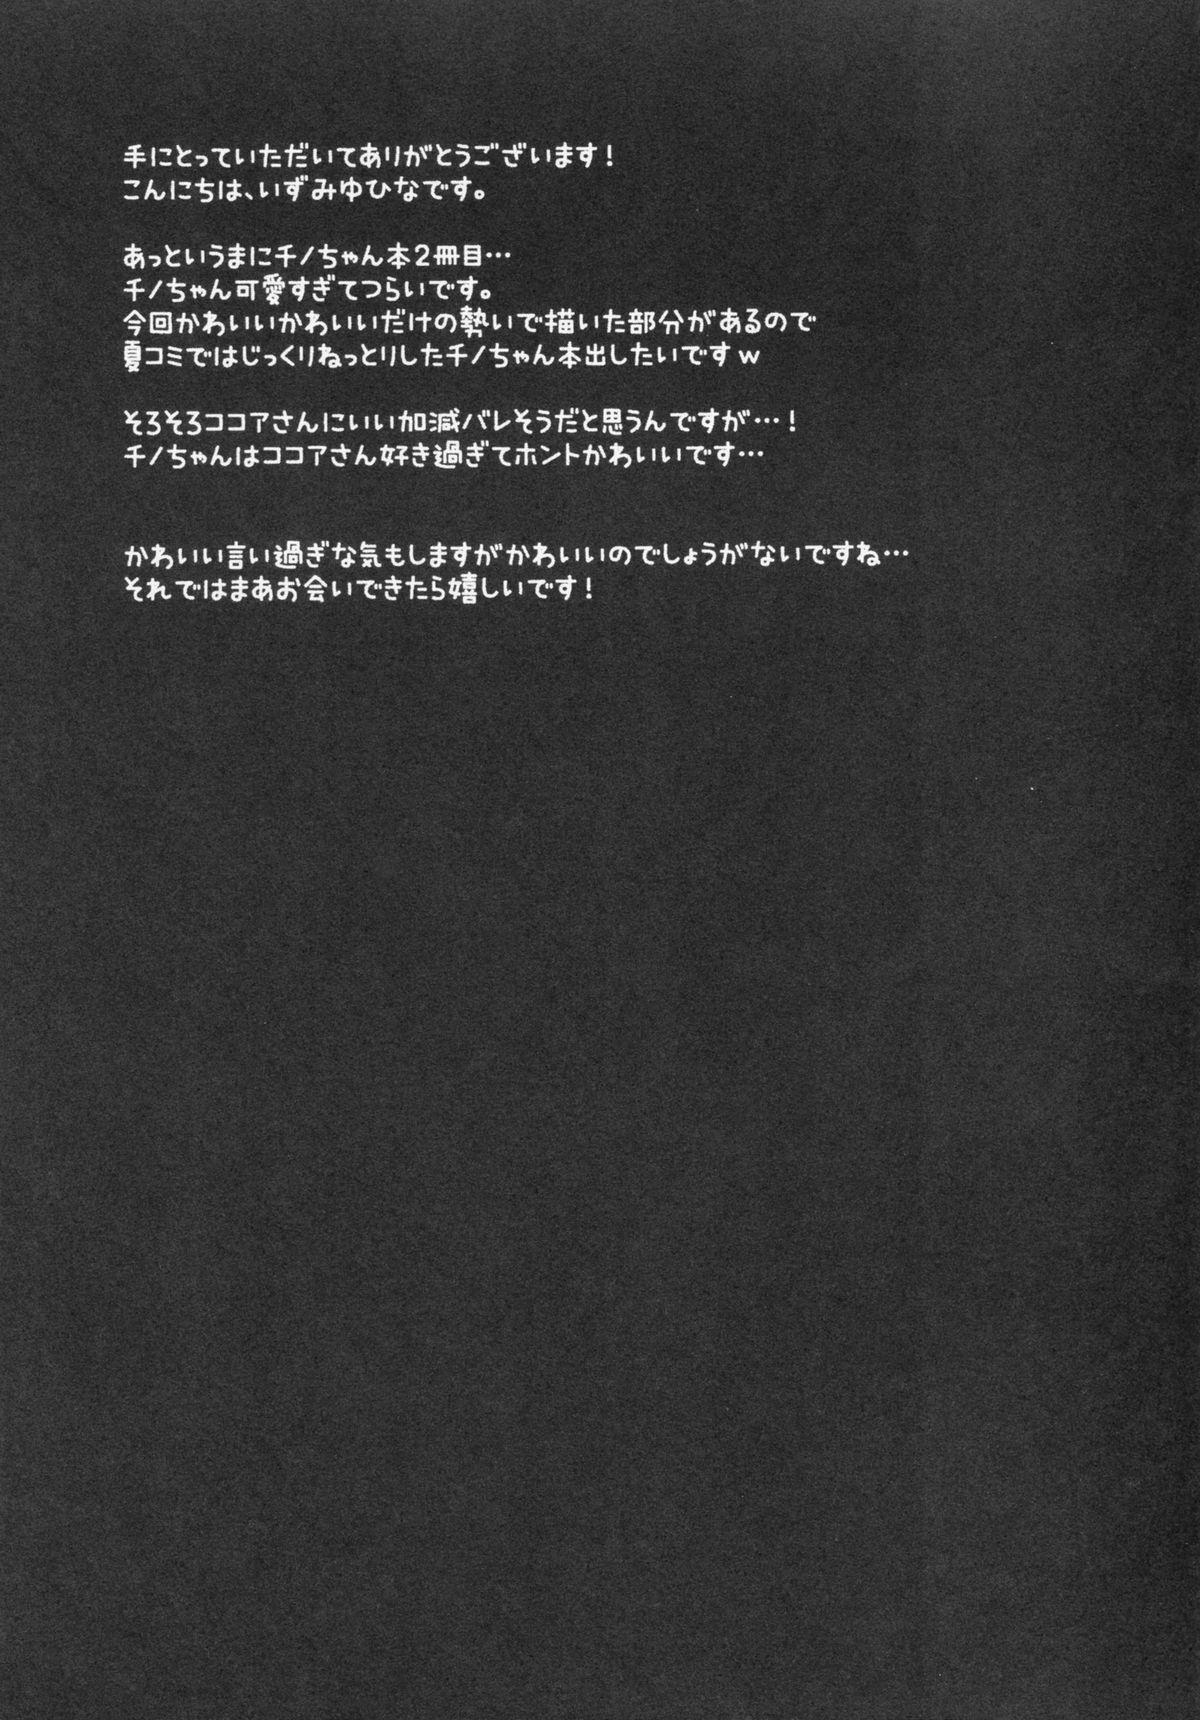 Himitsu no Kyoushitsu 14